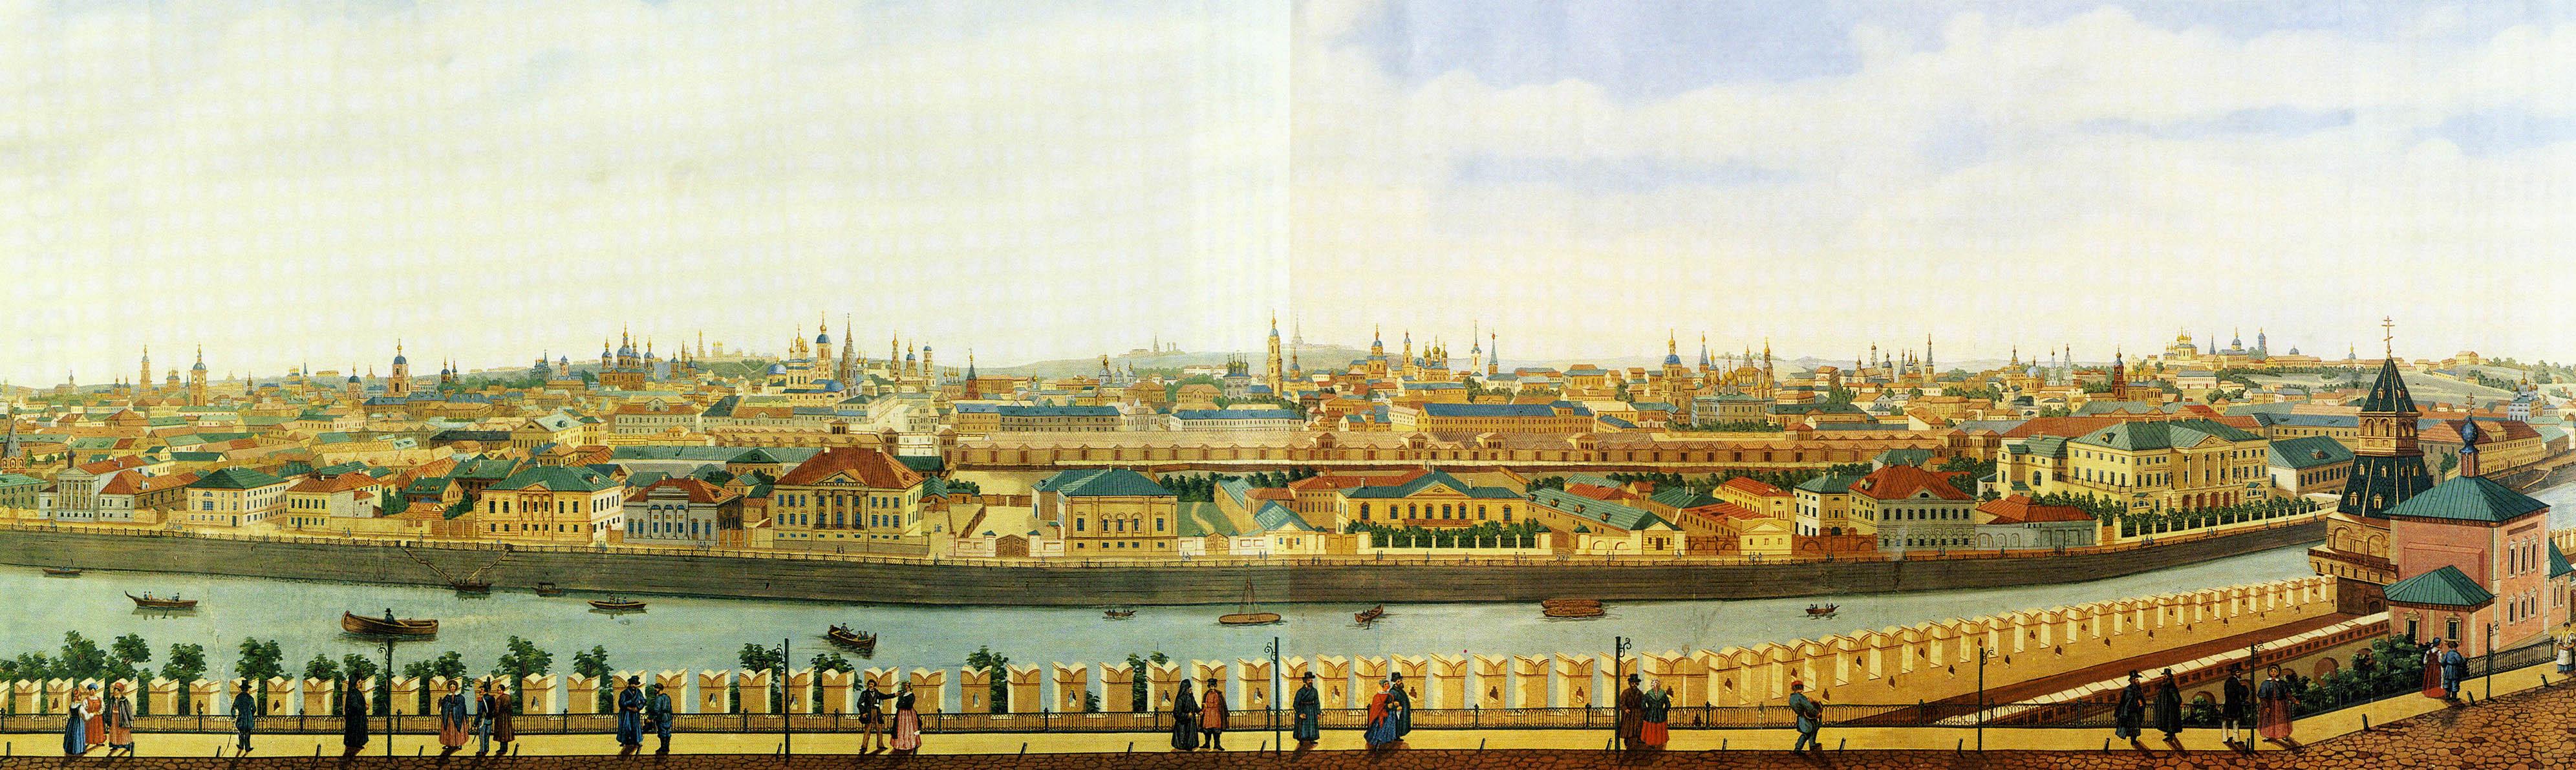 Панорама Замоскворечья со стороны Кремля. Д. Индейцев, акварель, около 1850 года